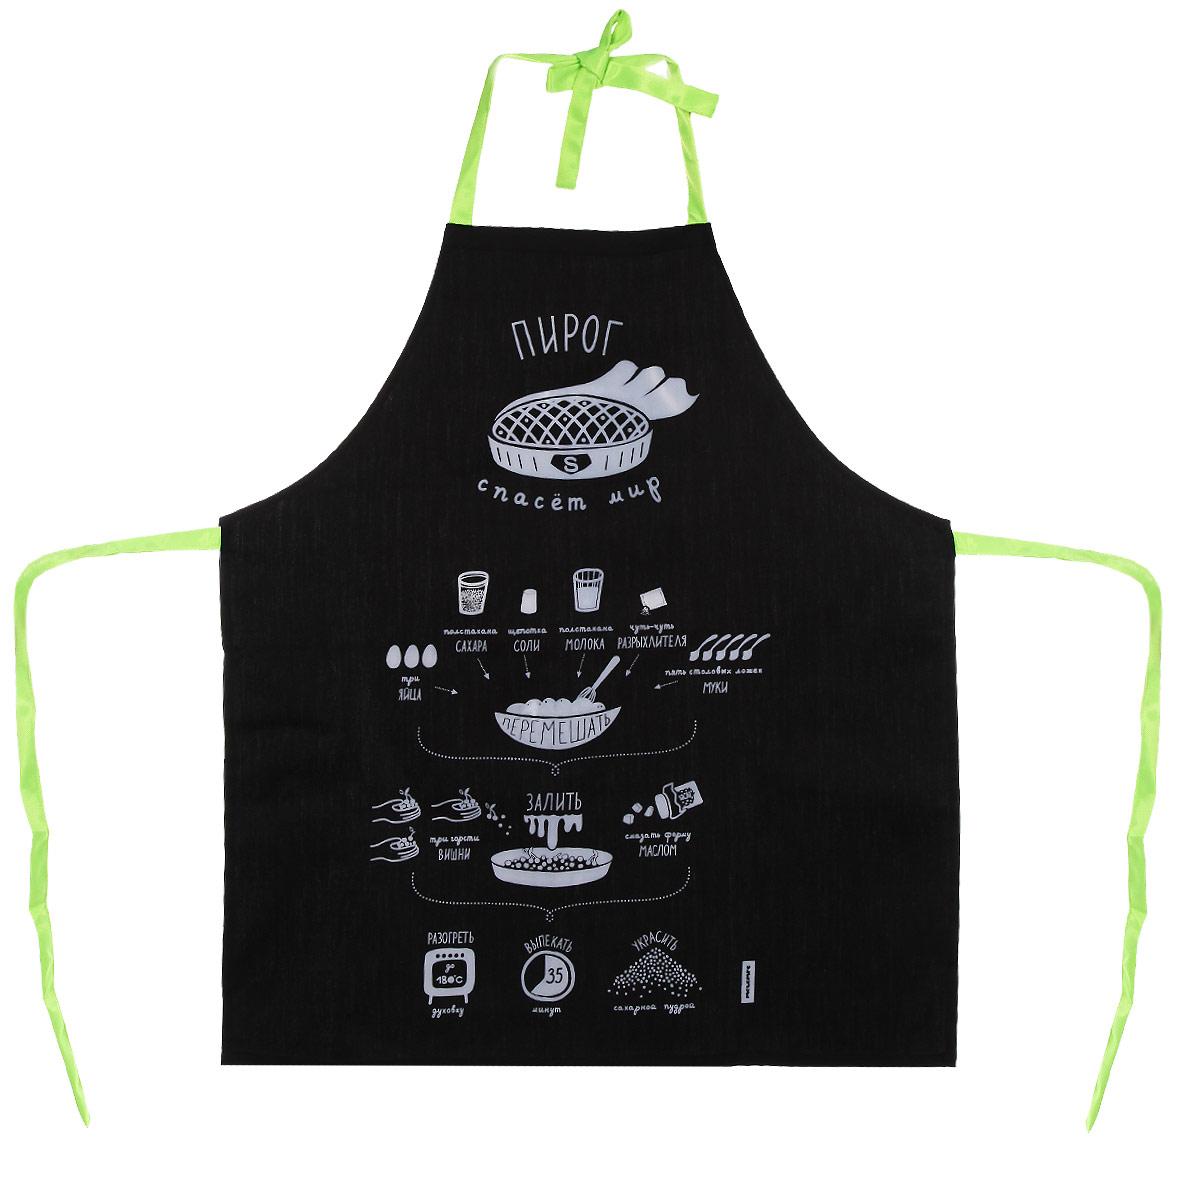 Фартук Melompo Пирог, 76 х 68 см811-123Фартук Melompo Пирог поможет вам избежать попадания еды на вашу одежду во время приготовления какого-либо блюда. Выполнен из хлопка и полиэстера. На фартуке имеются удобная лямка и завязки. На фартук нанесен рецепт простого и вкусного вишневого пирога. Крой универсальный, подходит кулинарам обоих полов и разных комплекций.